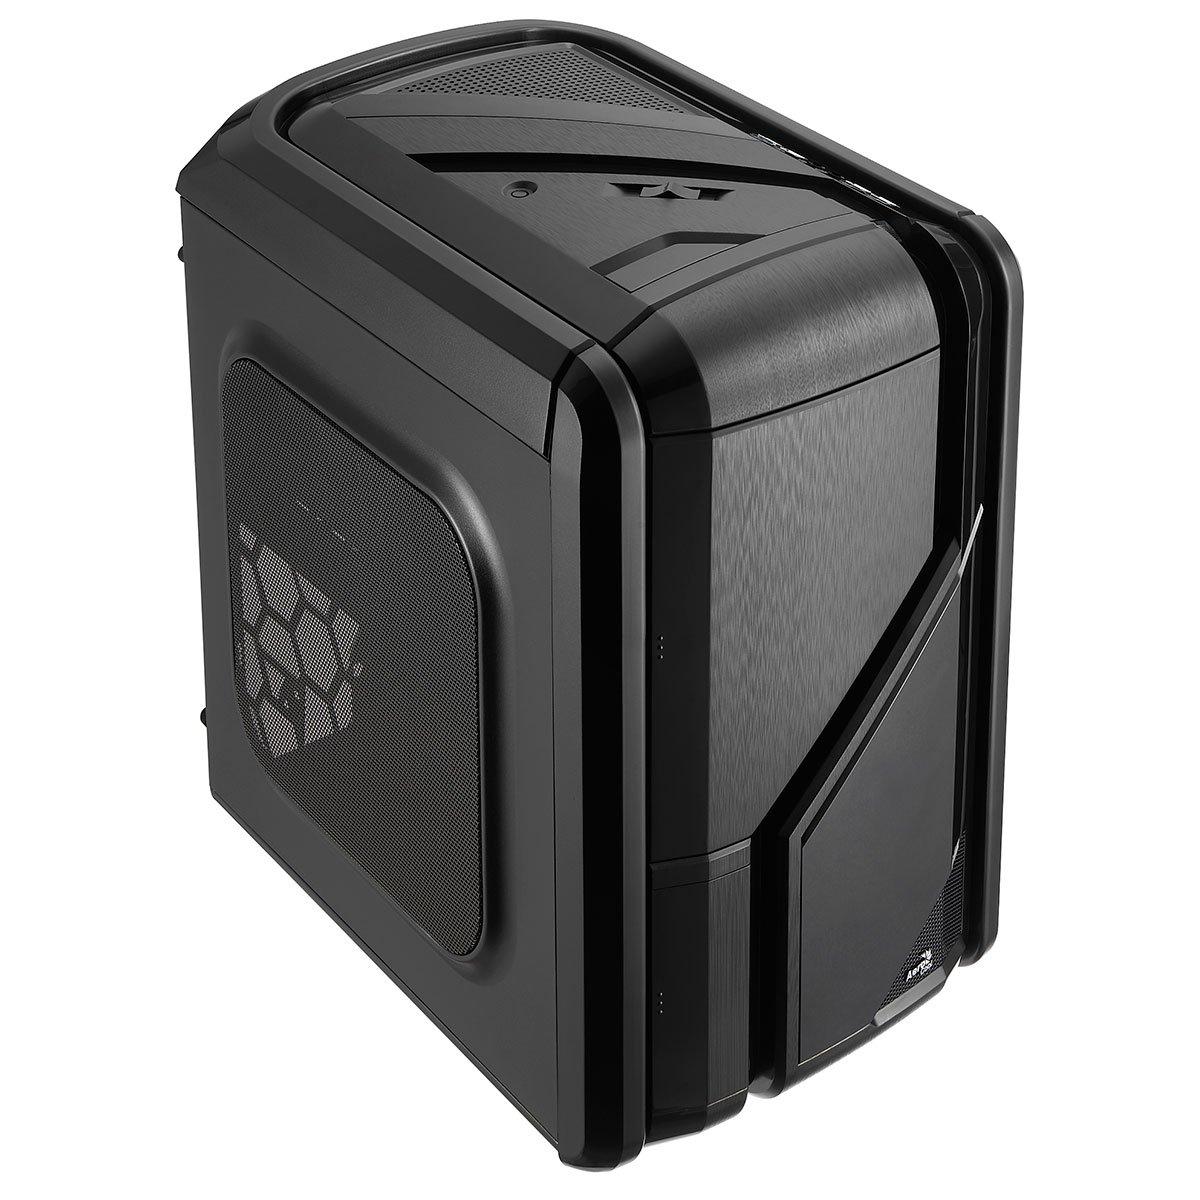 Aerocool GTRSBK - Caja Gaming para PC (ATX, iluminación LED Azul/roja, Ventilador Frontal 12 cm, Soporte refrigeración líquida, USB 2.0/3.0, Audio HD), Color Negro: Amazon.es: Informática